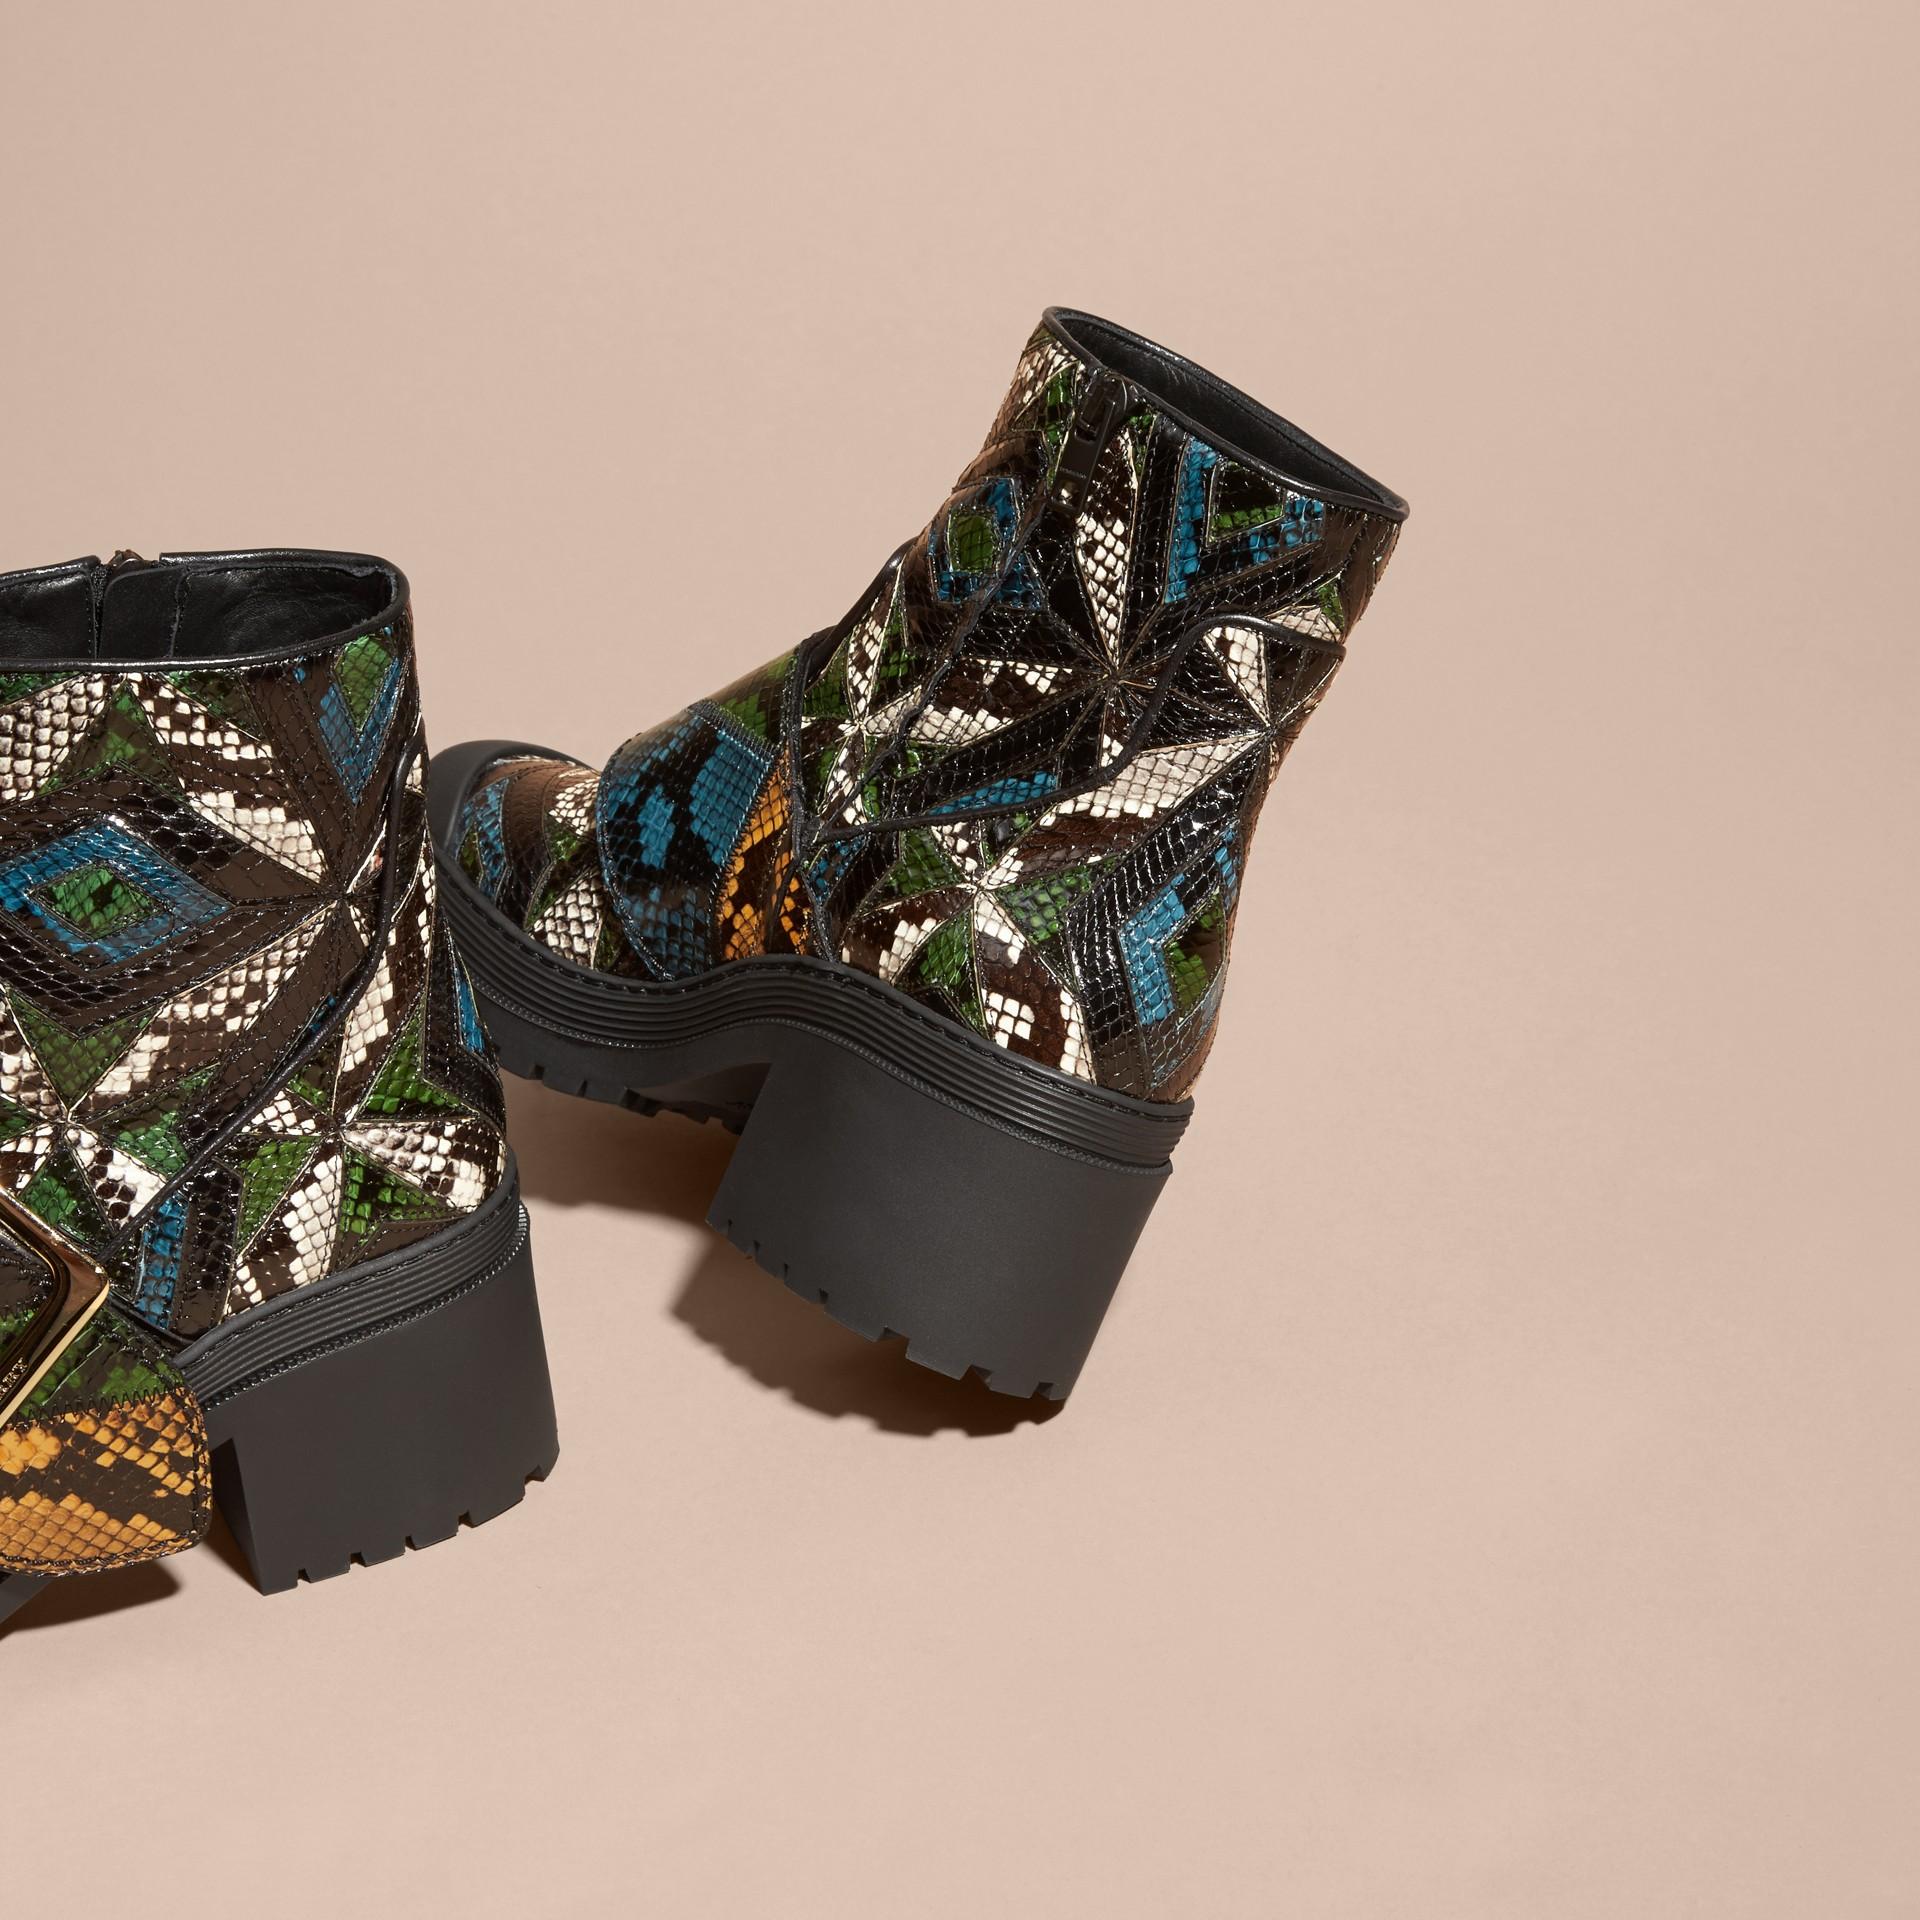 Schwarz/mineralblau The Buckle Boot aus Natternleder - Galerie-Bild 4